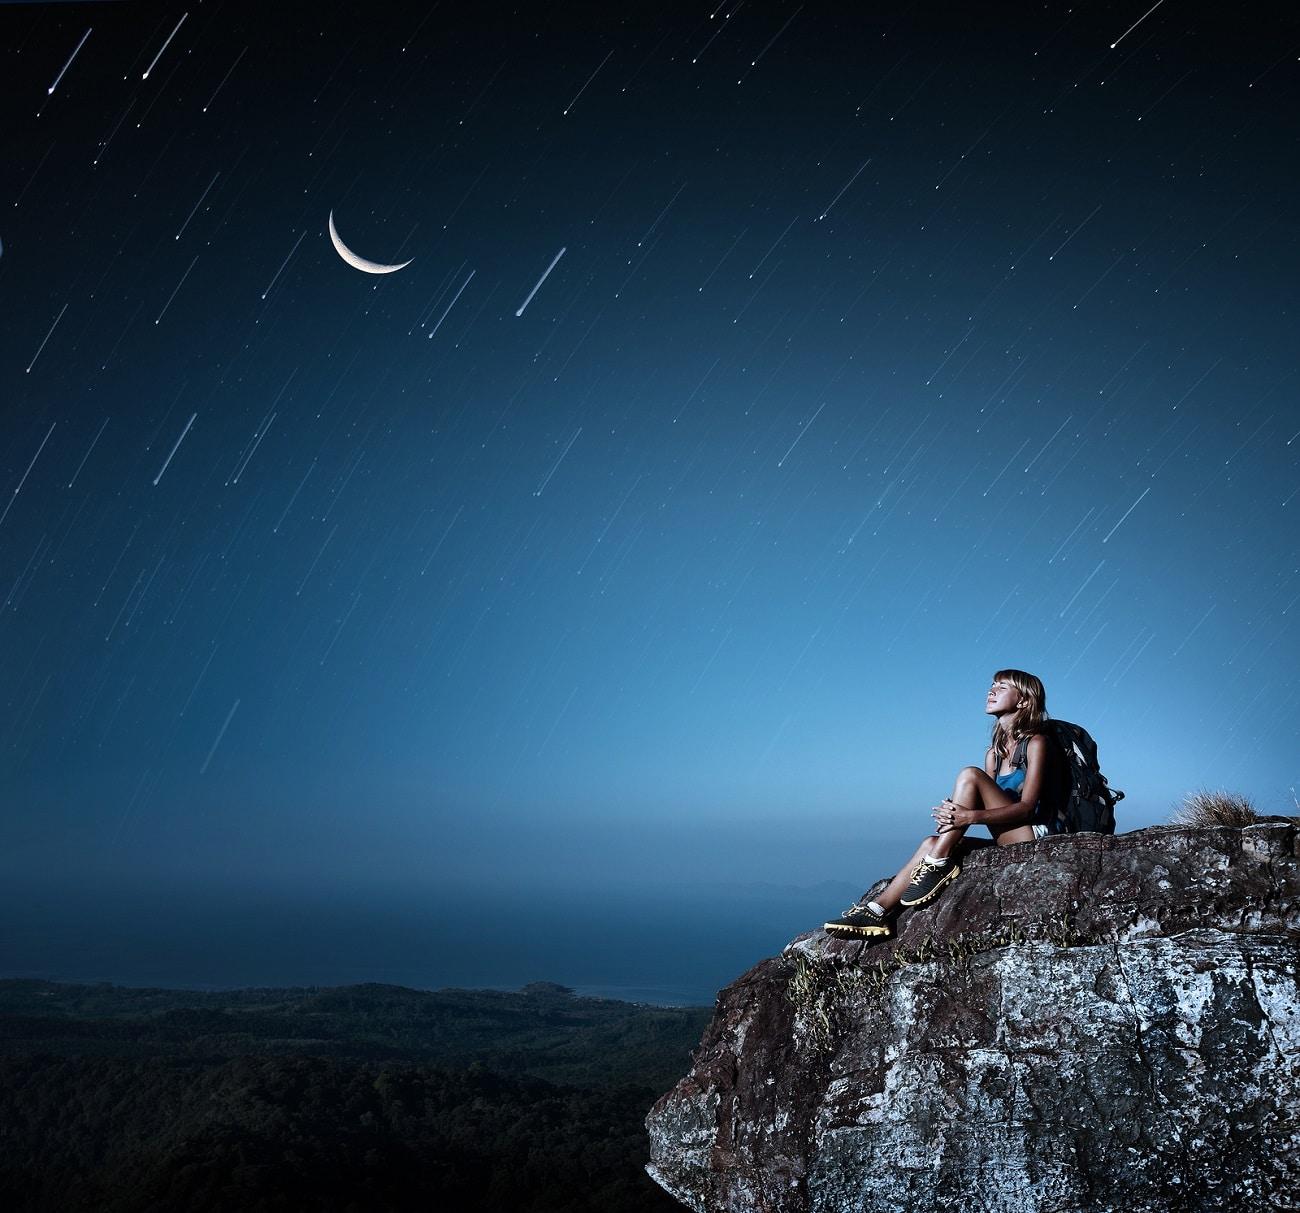 lluvia de estrellas líridas